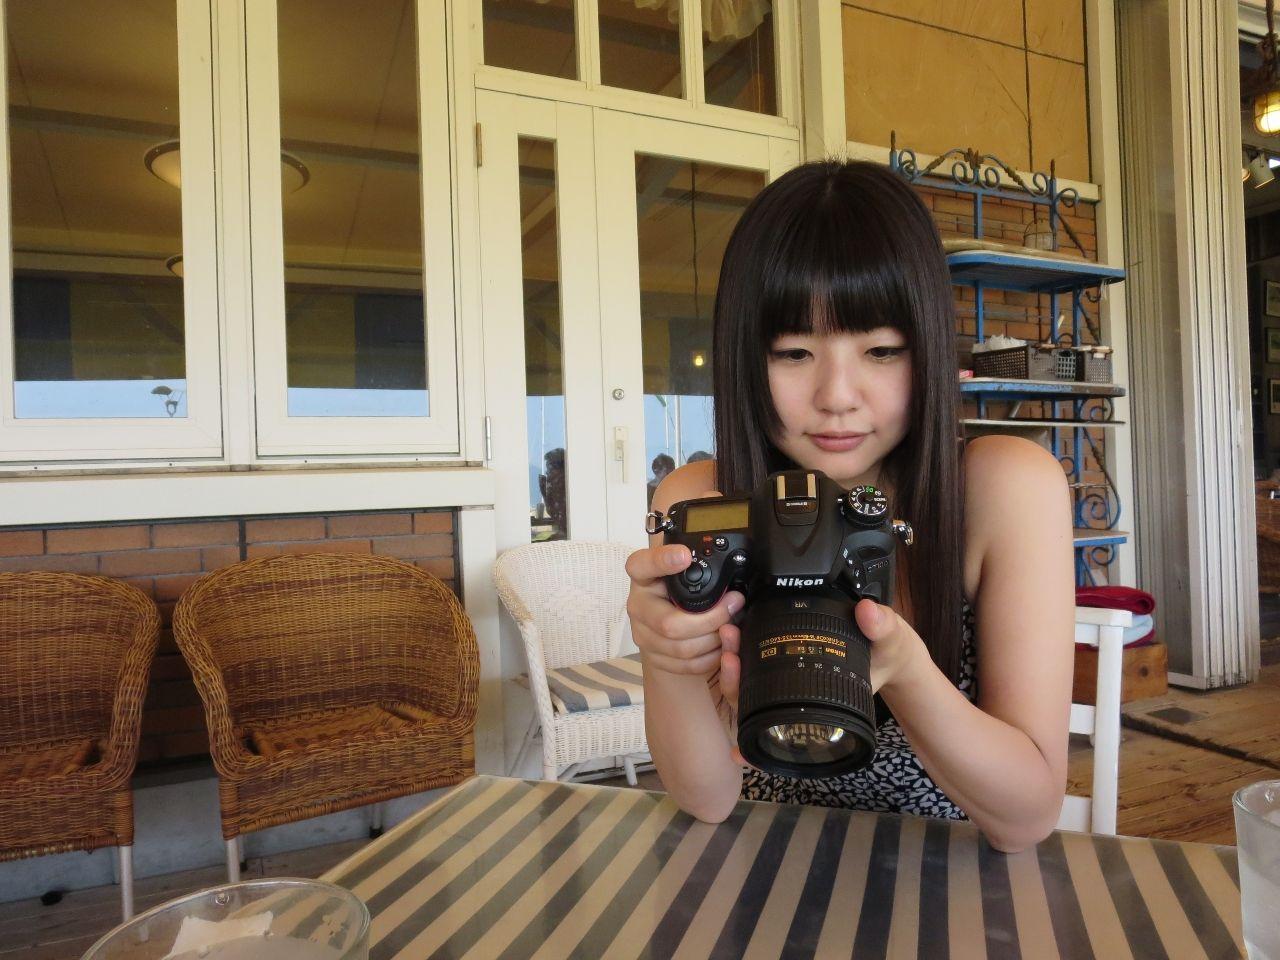 つぼみ Dカップ JKでも通じるようなロリ顔美乳パイパン制服セックスでAV女優エロ画像 108枚 No.1